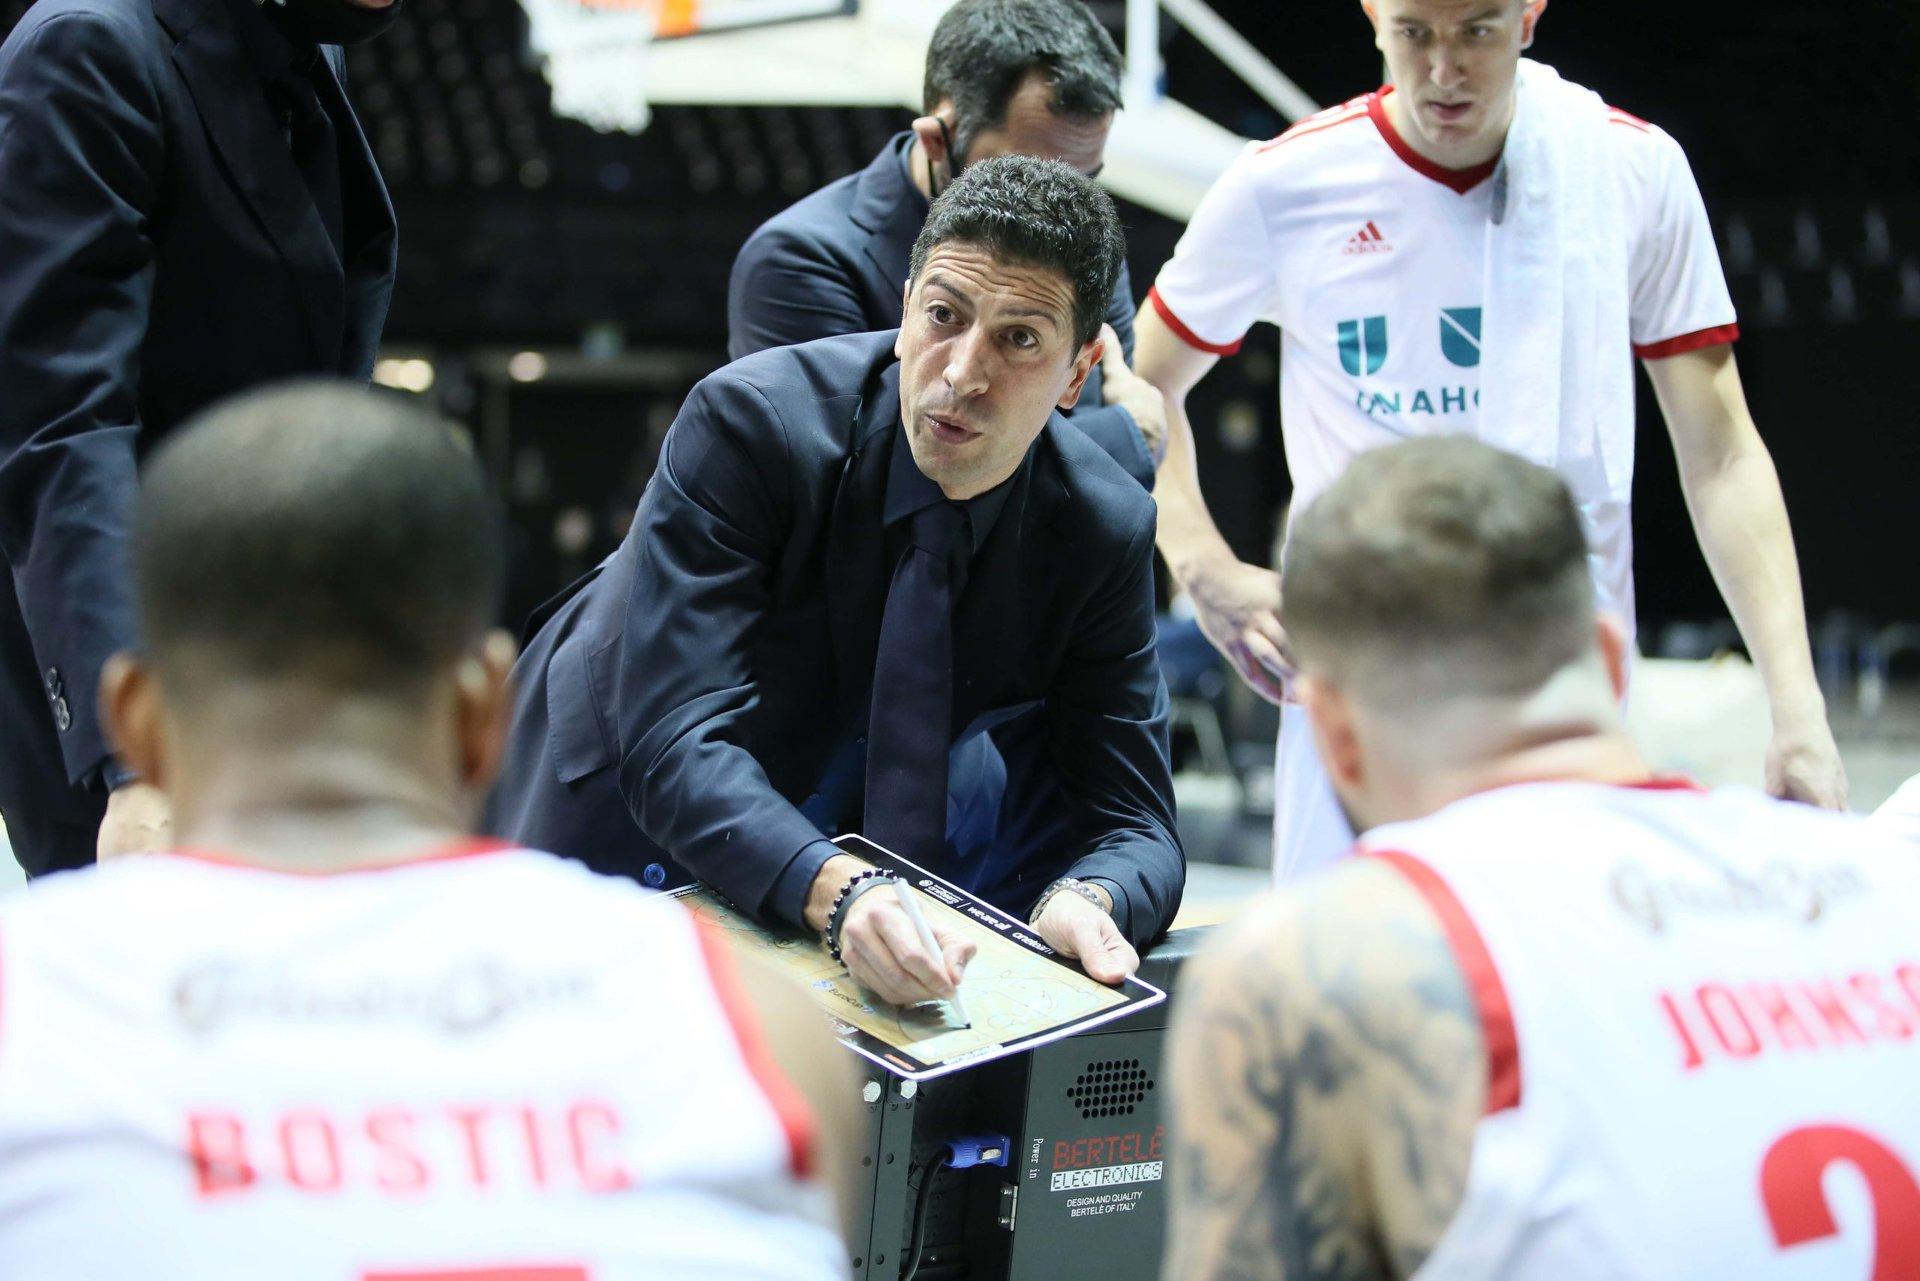 Storie di Basket 2020-21: il post-match di UnaHotels Reggio vs Dé Longhi Treviso attraverso la telecamera di Vanni Zagnoli